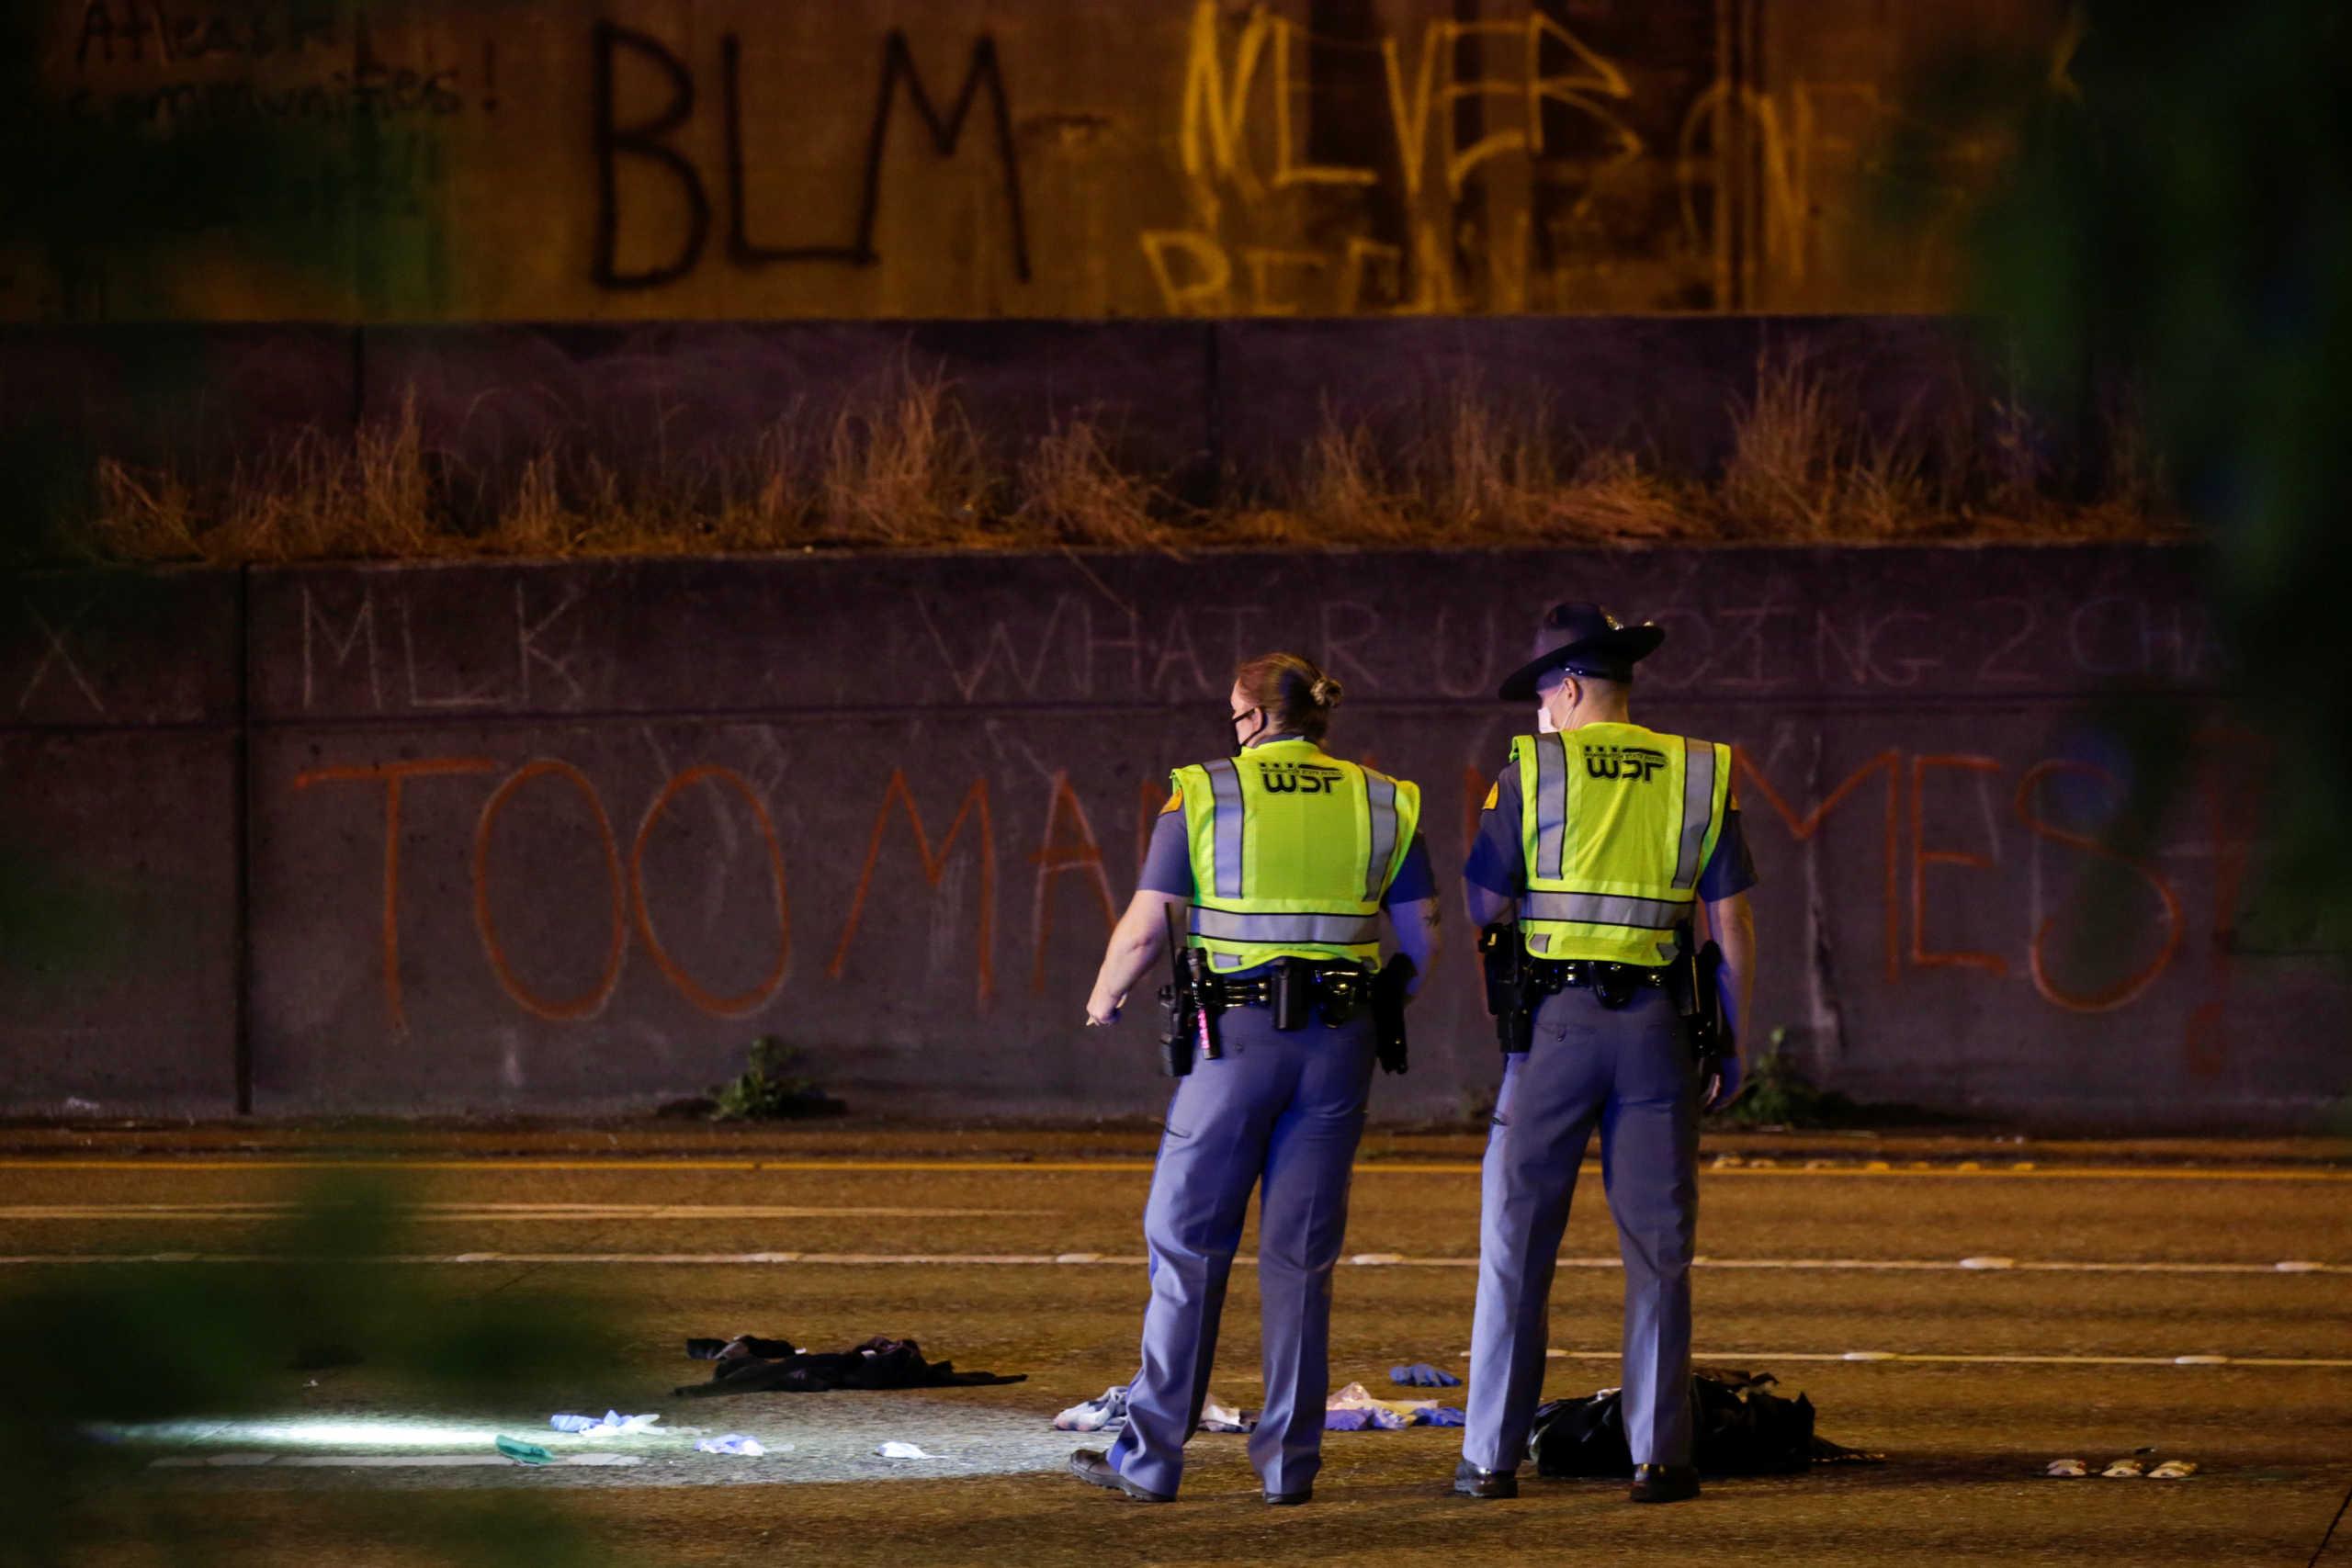 Ουάσινγκτον: Αυτοκίνητο έπεσε πάνω σε διαδηλωτές – Δυο σοβαρά τραυματίες (pics)